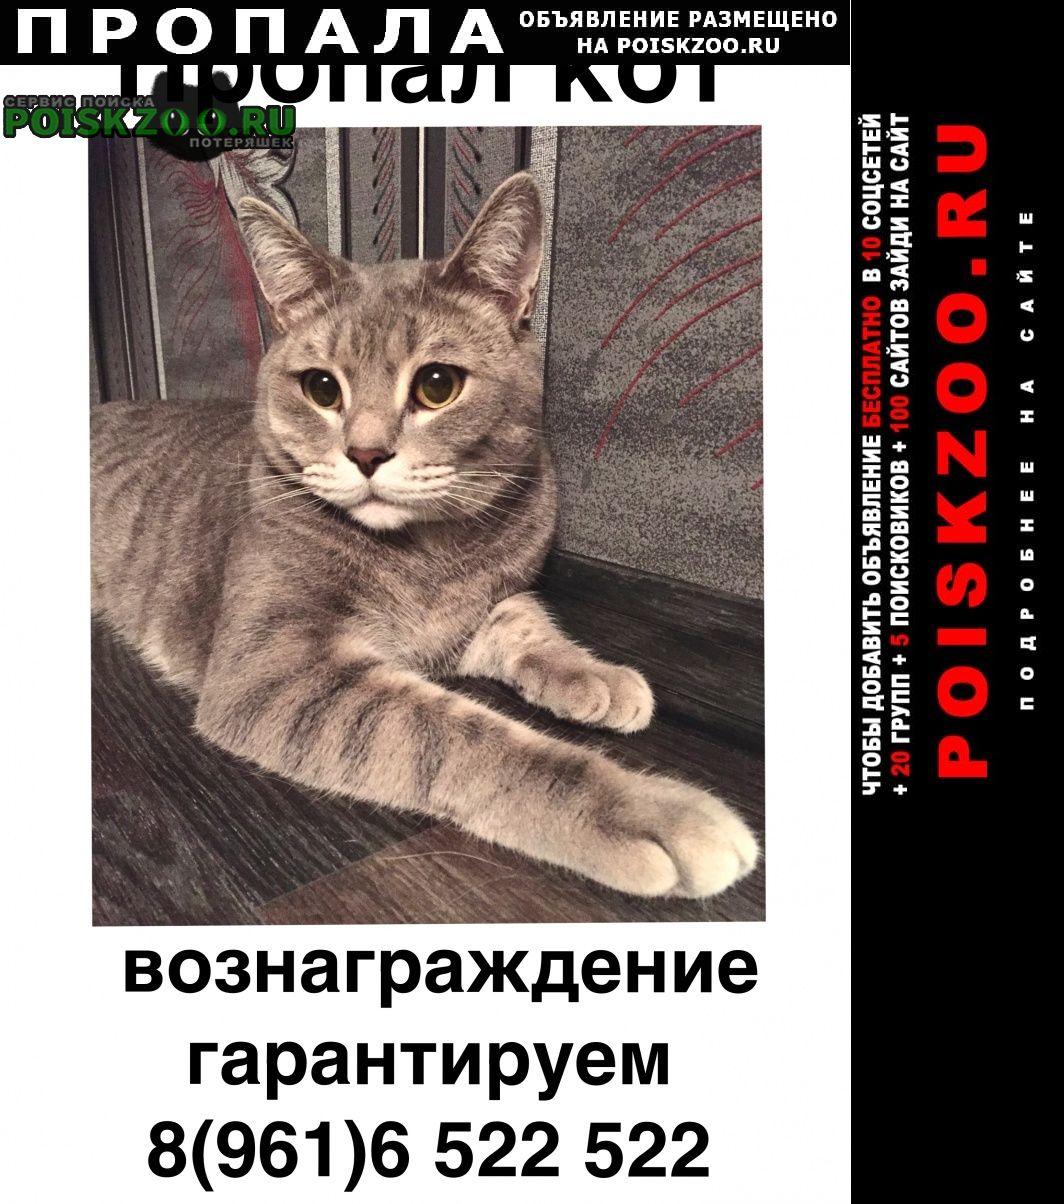 Пропал кот на свободном вышел из калитки и Астрахань